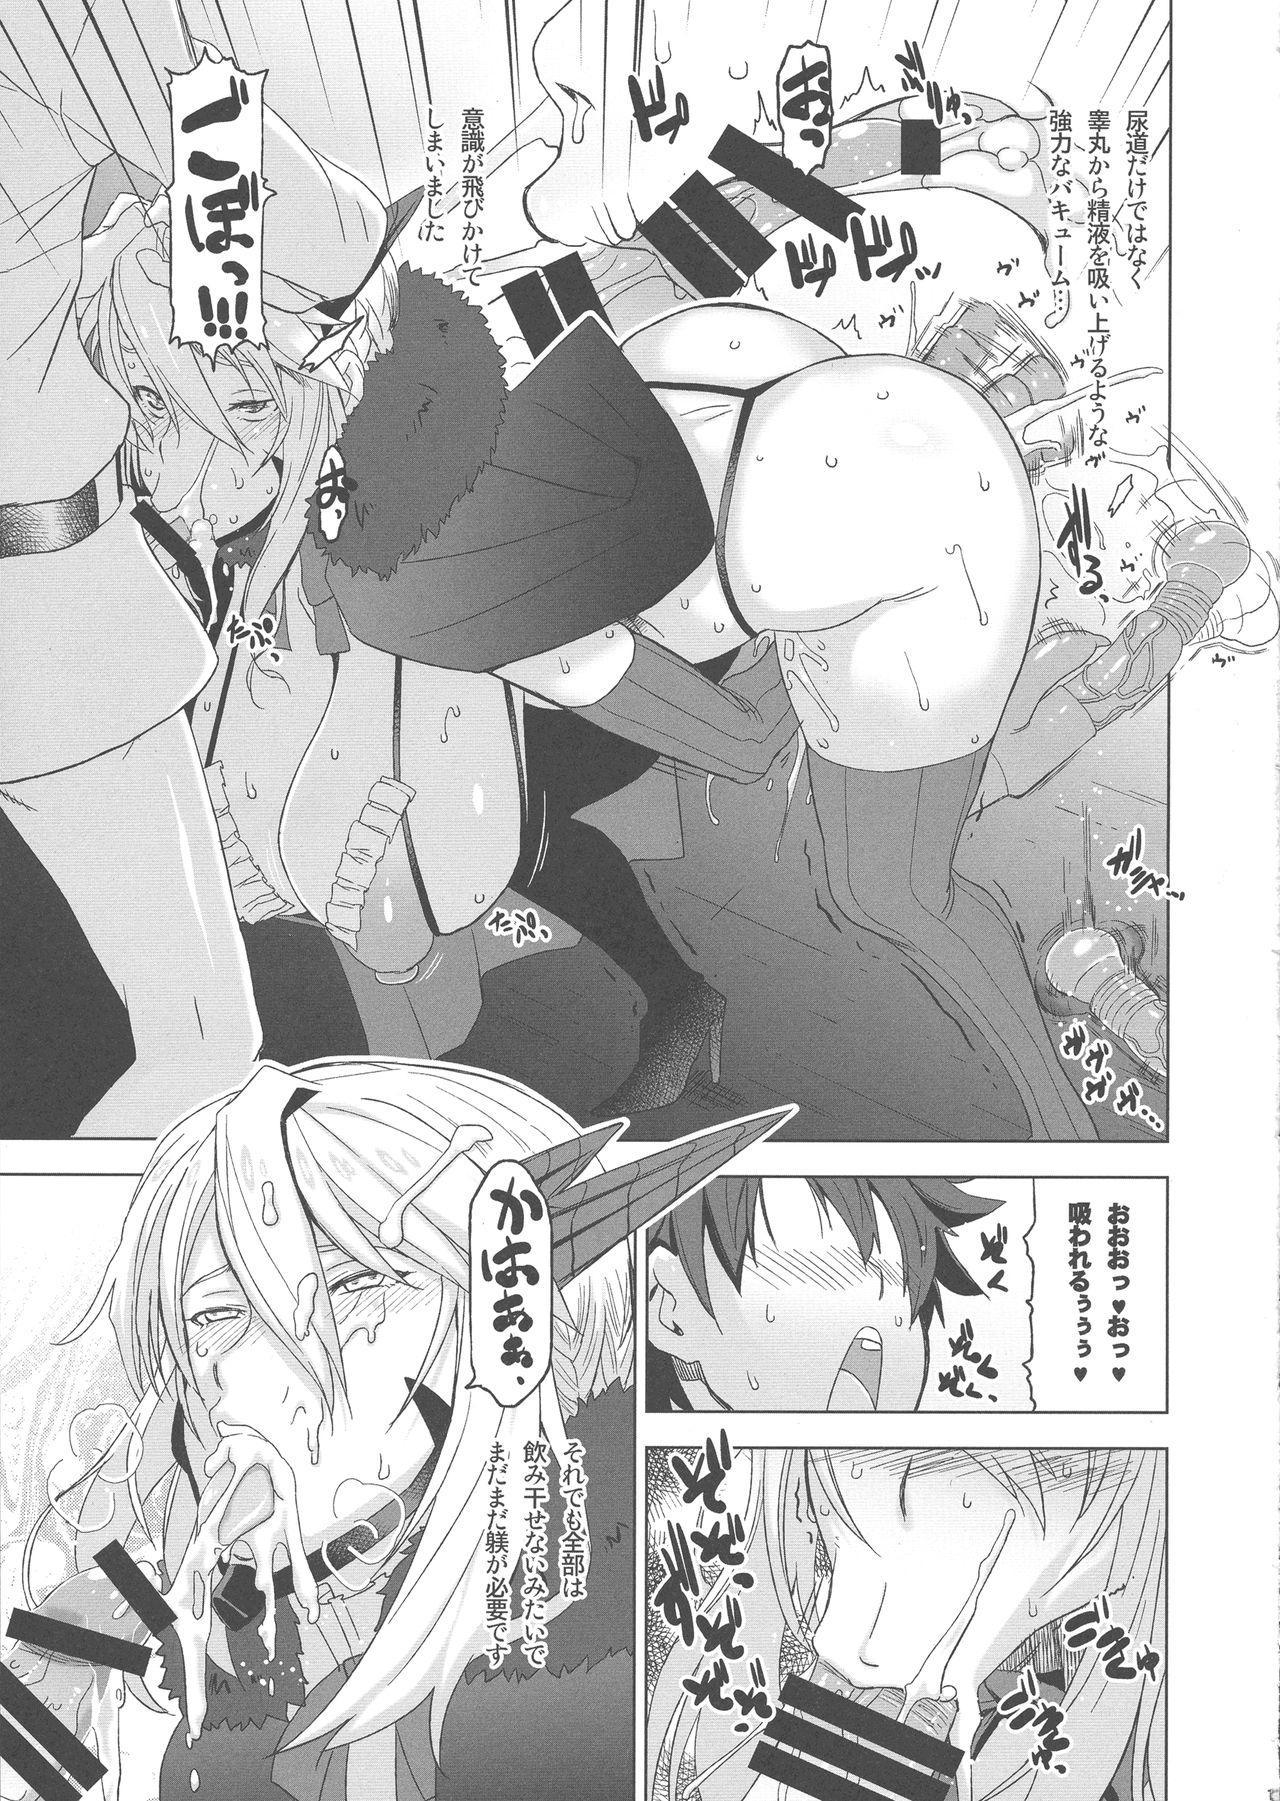 HGUC# 11-Souda Altria to Machi e deyou... Soshite Rojiura ni Hairou 12